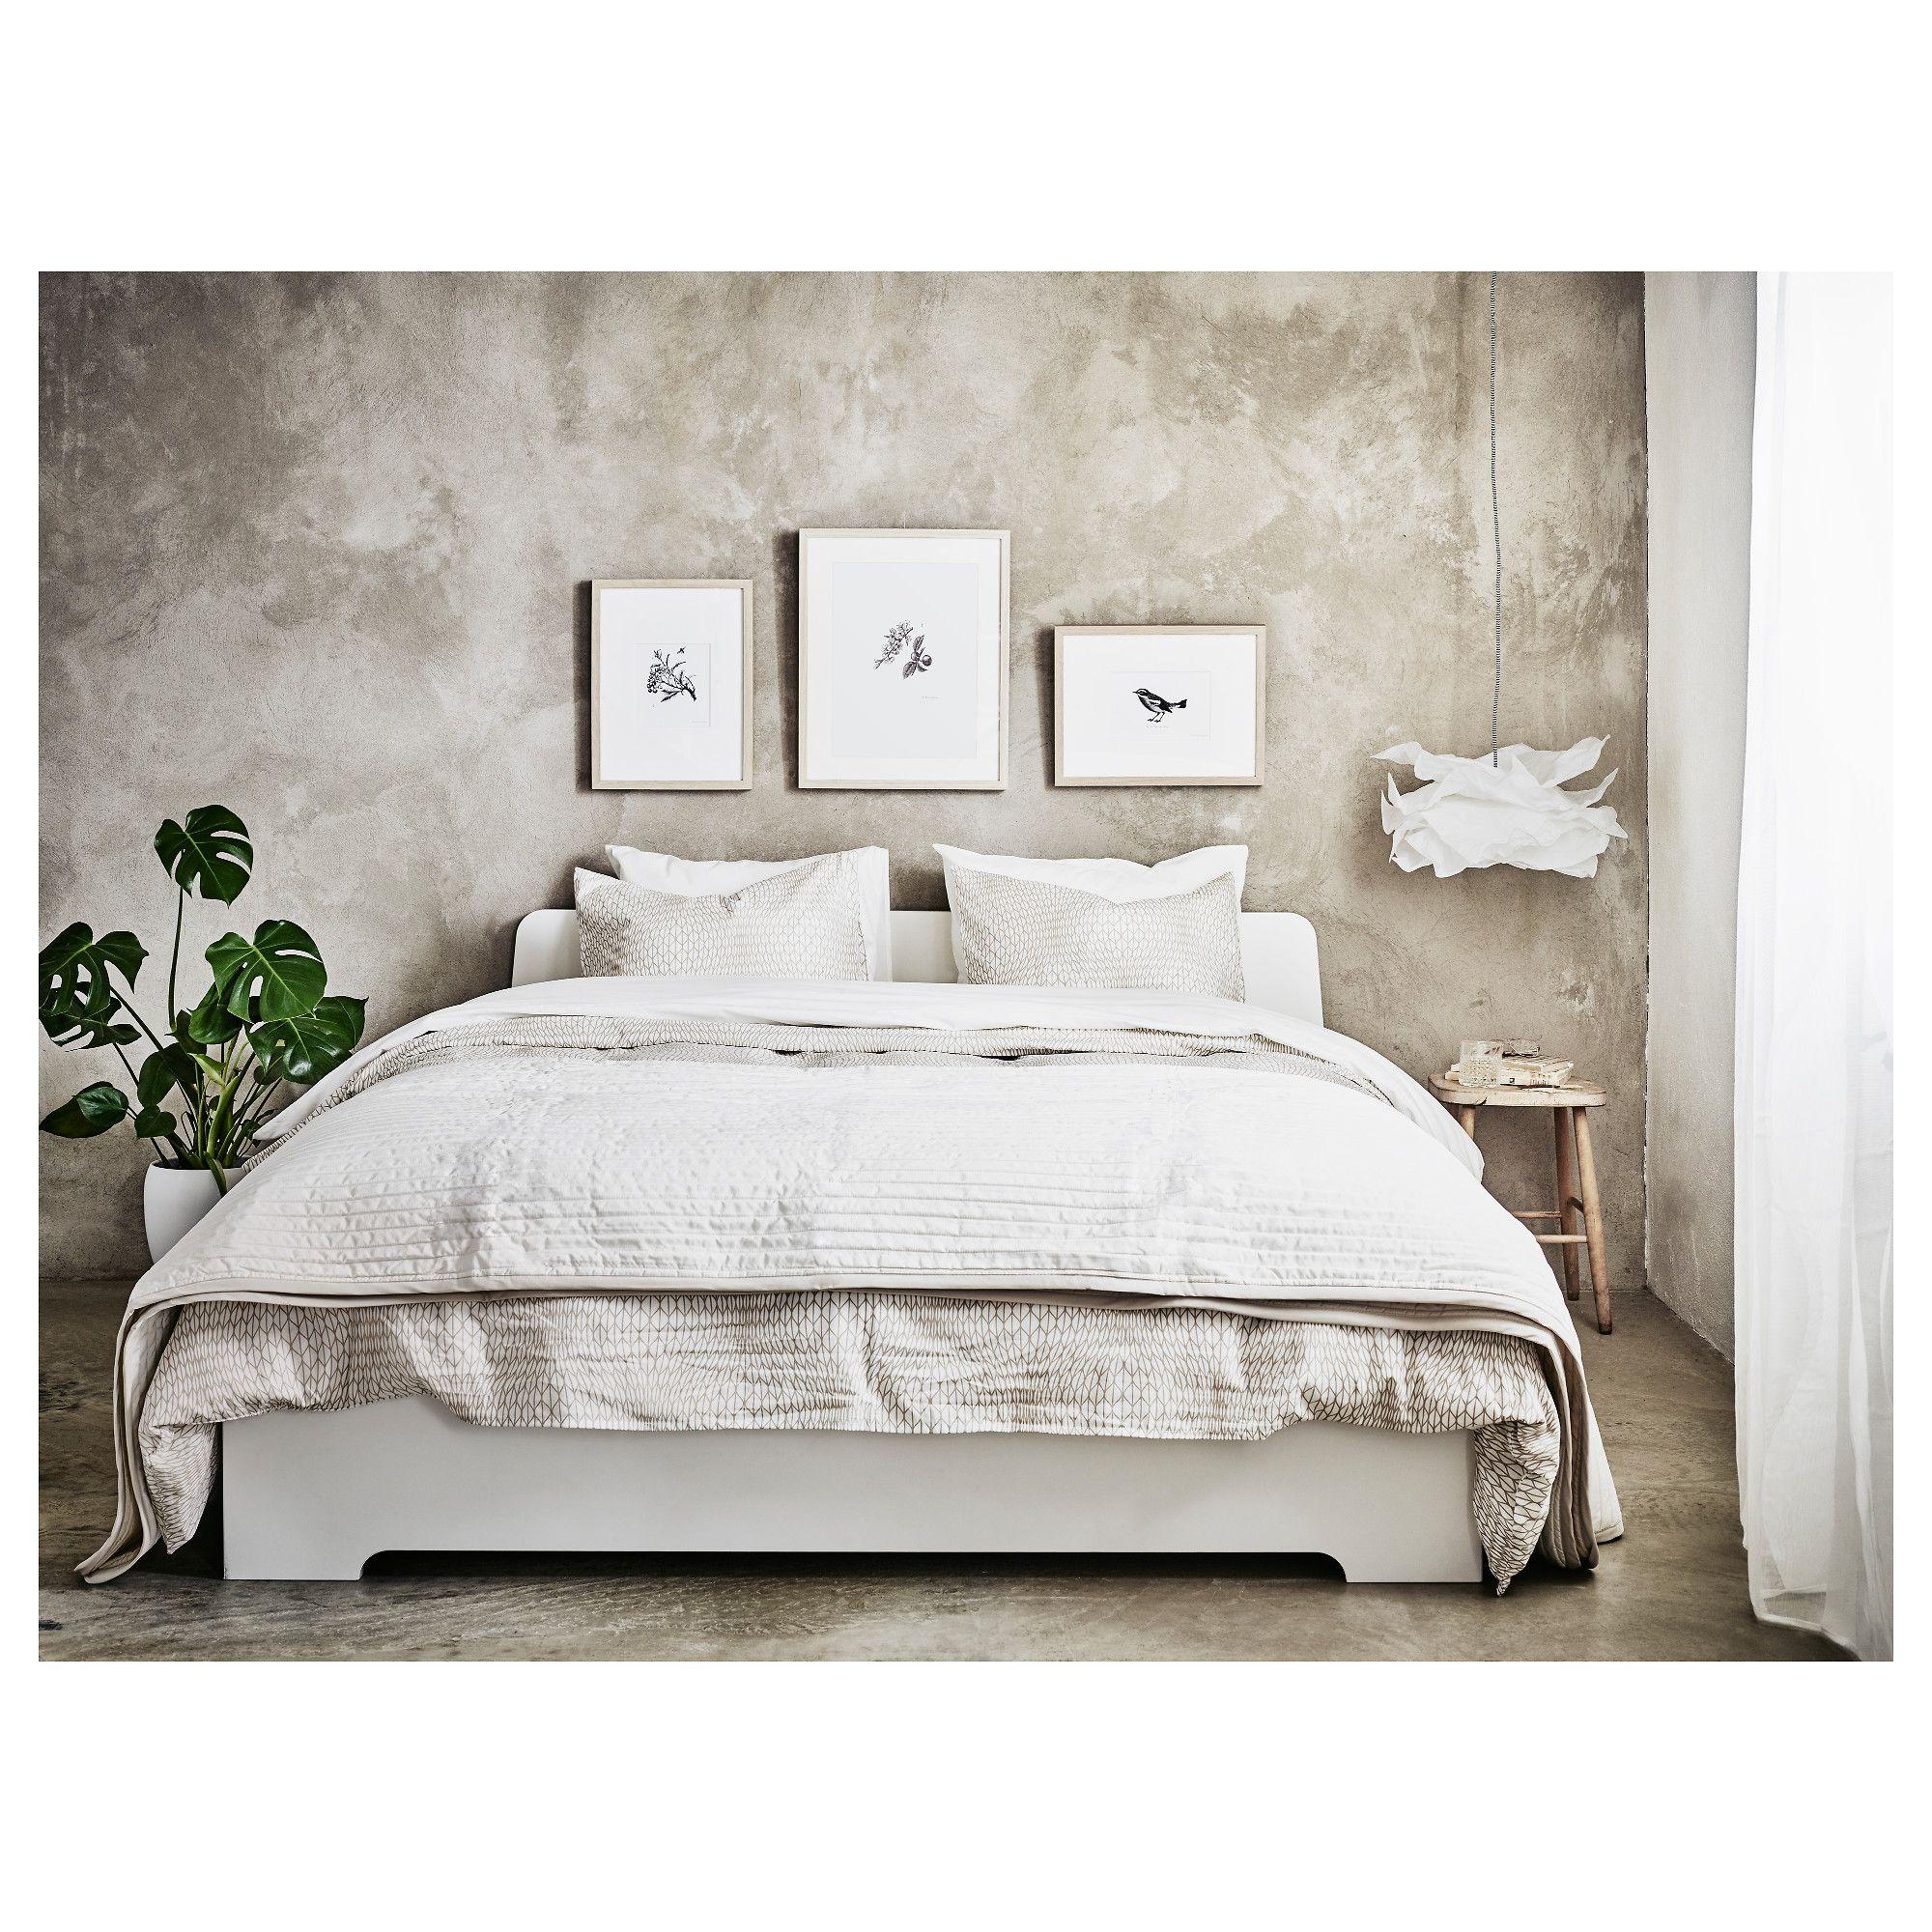 Askvoll Bettgestell Weiss Luroy Ikea Osterreich Verstellbare Betten Bettgestell Und Luxusschlafzimmer